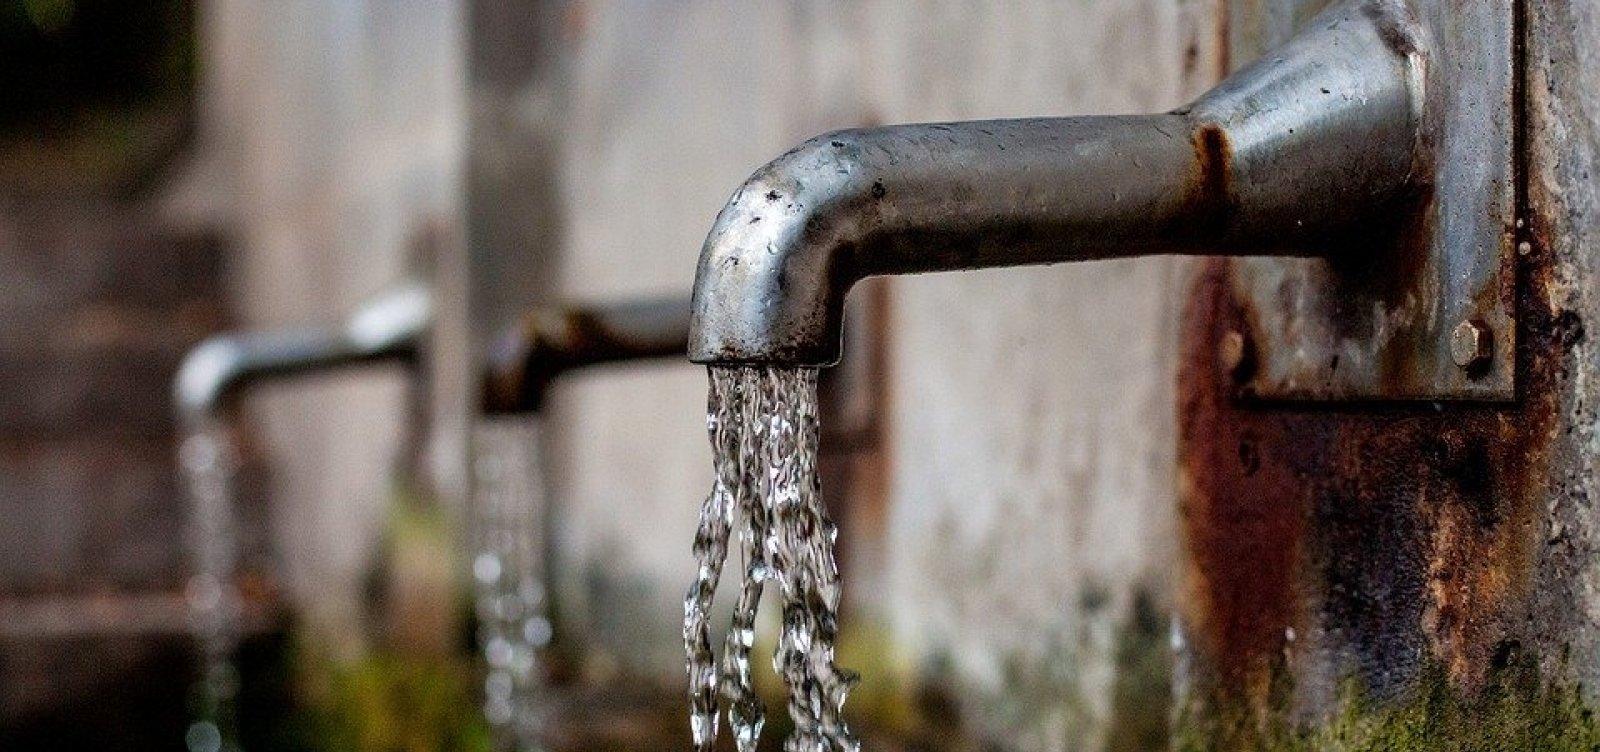 Mais 2 milhões de pessoas passaram a ter acesso à esgoto e água potável em 2018